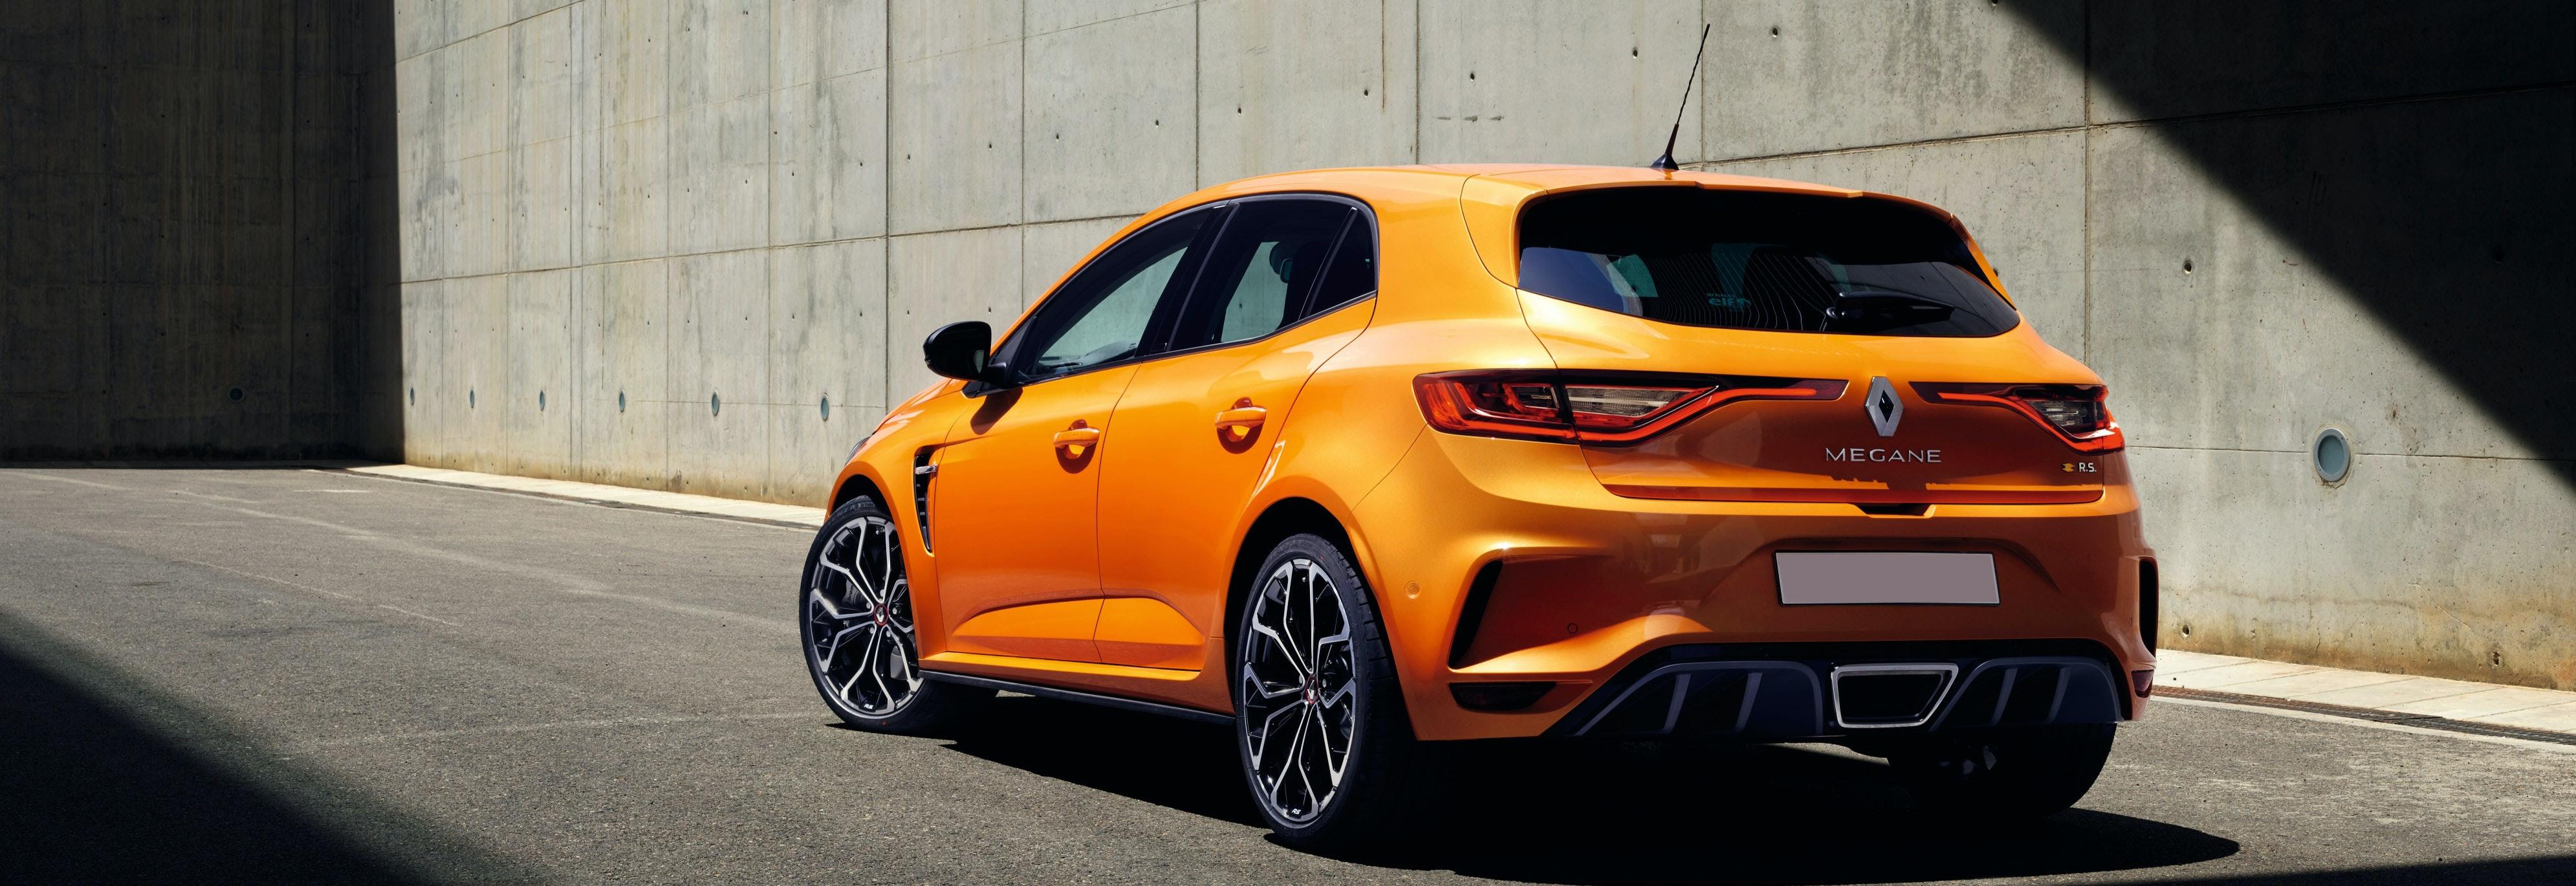 Renault megane rs price